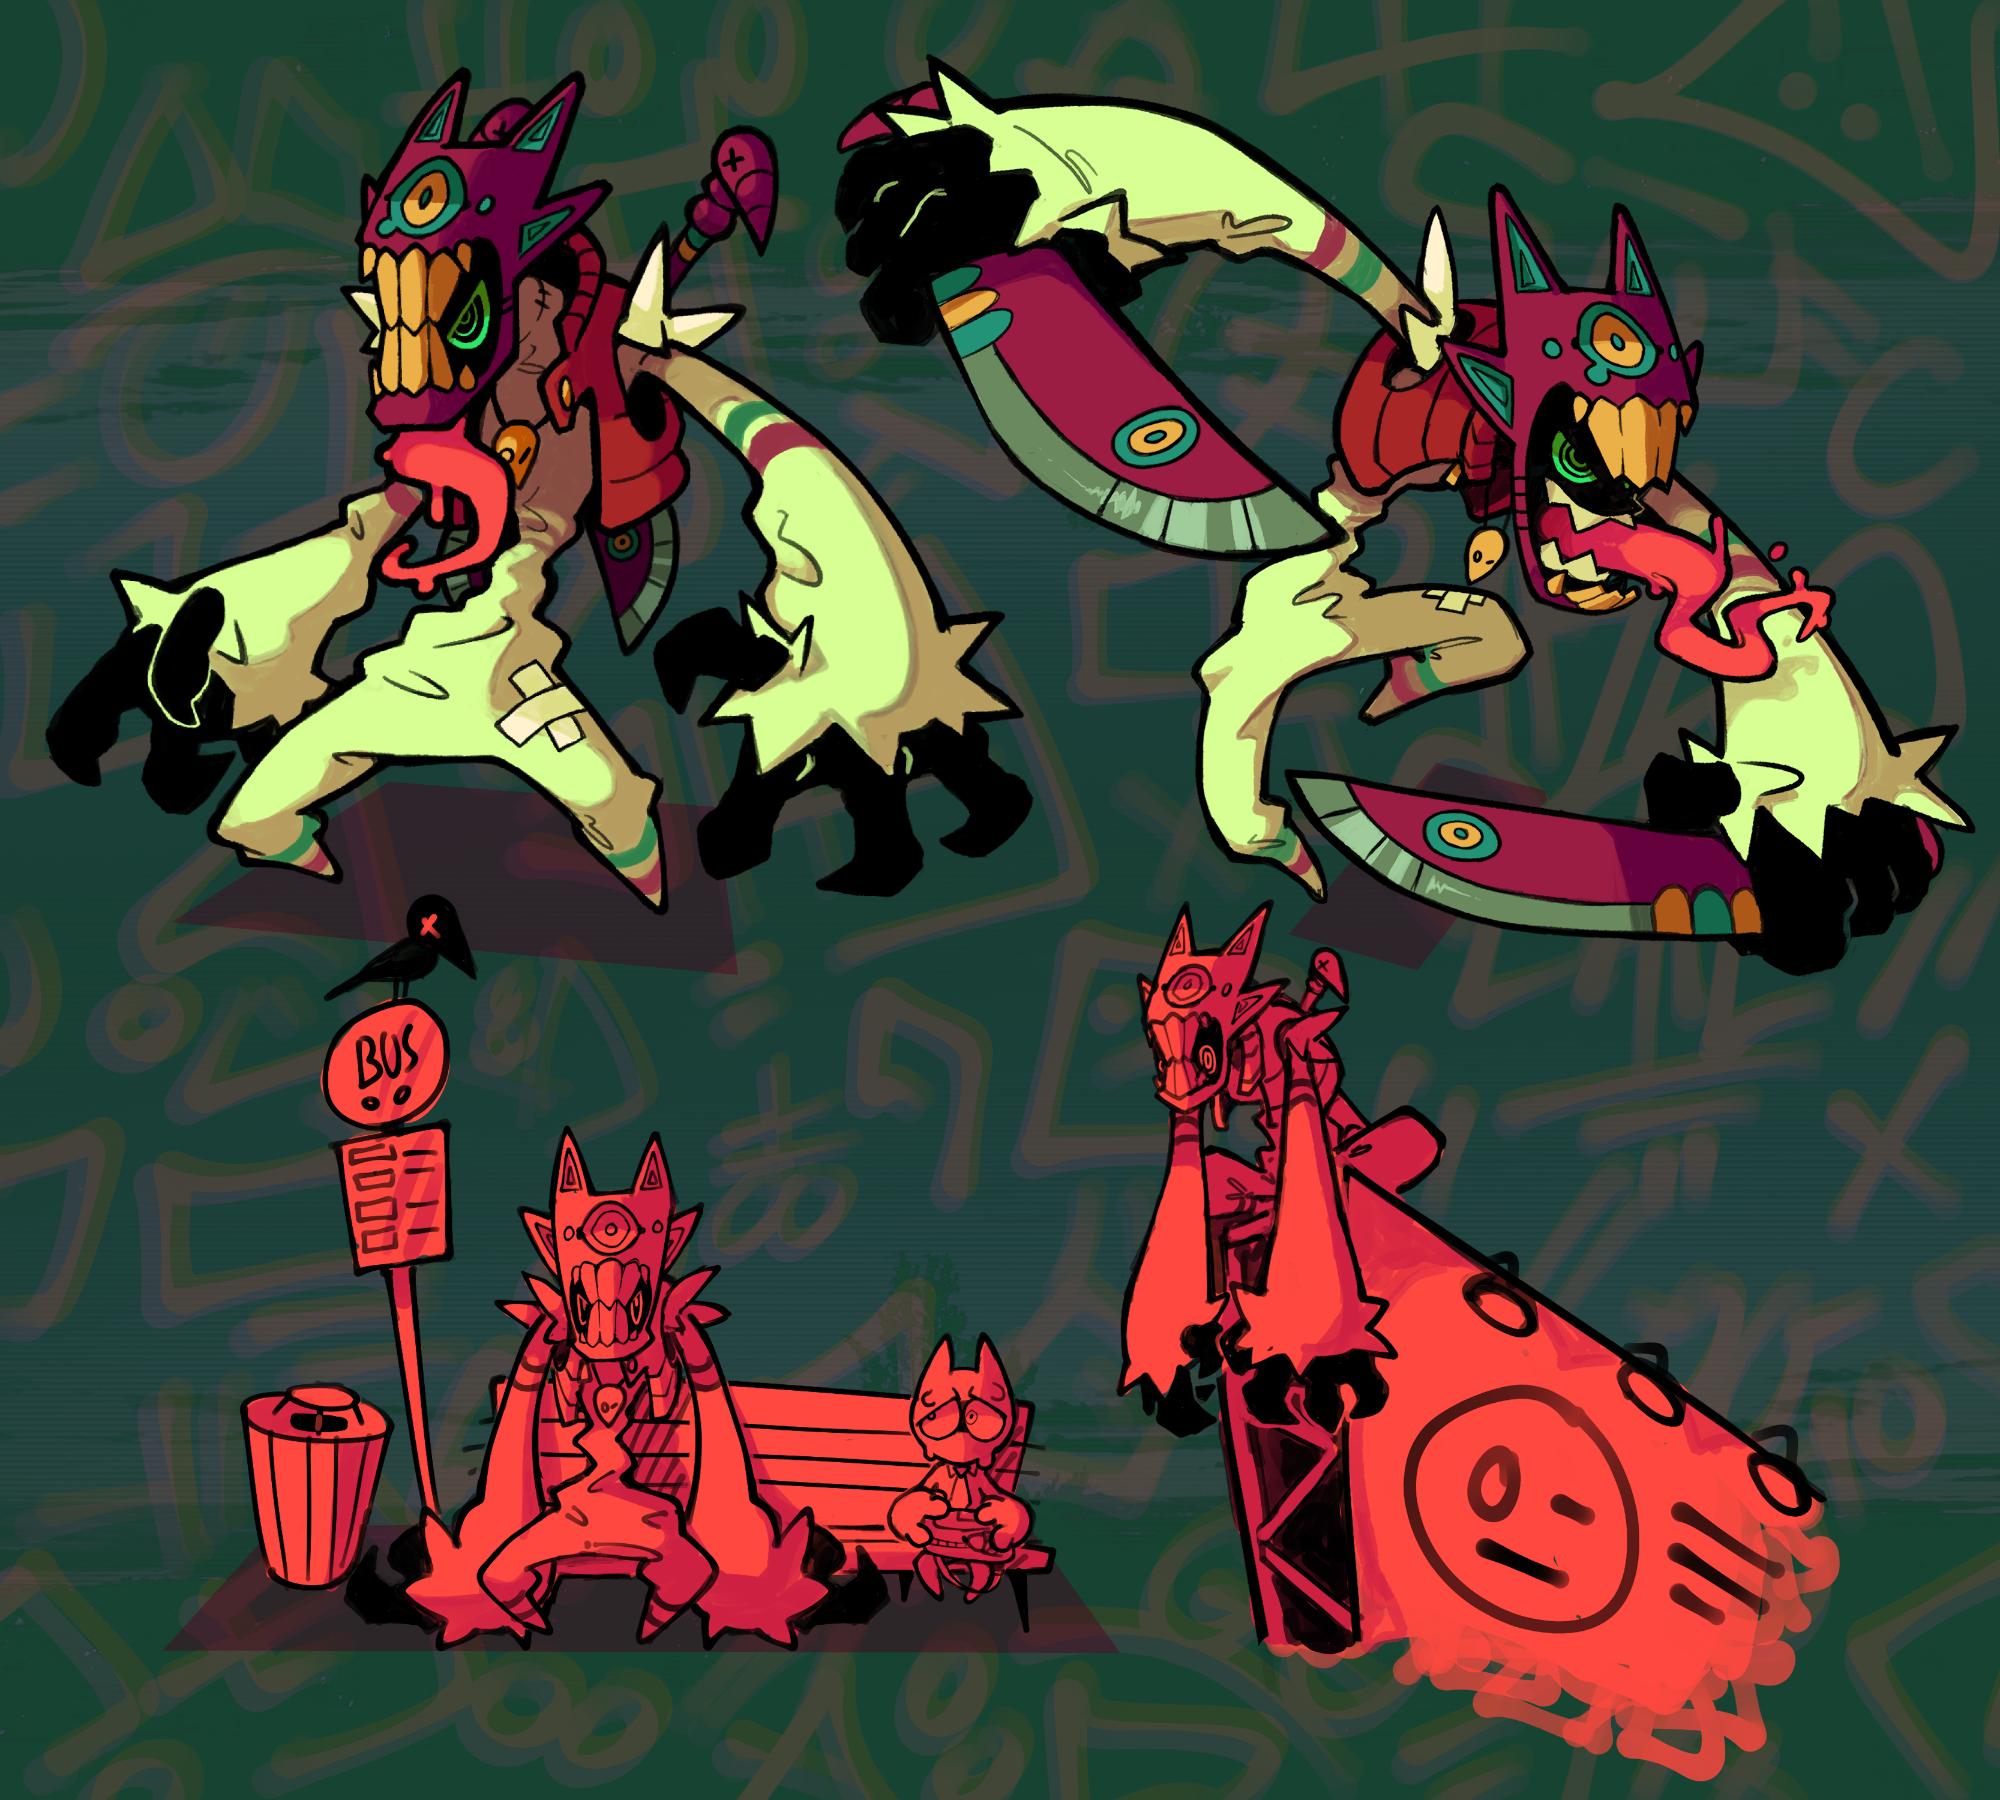 Large Knives Mask Guy